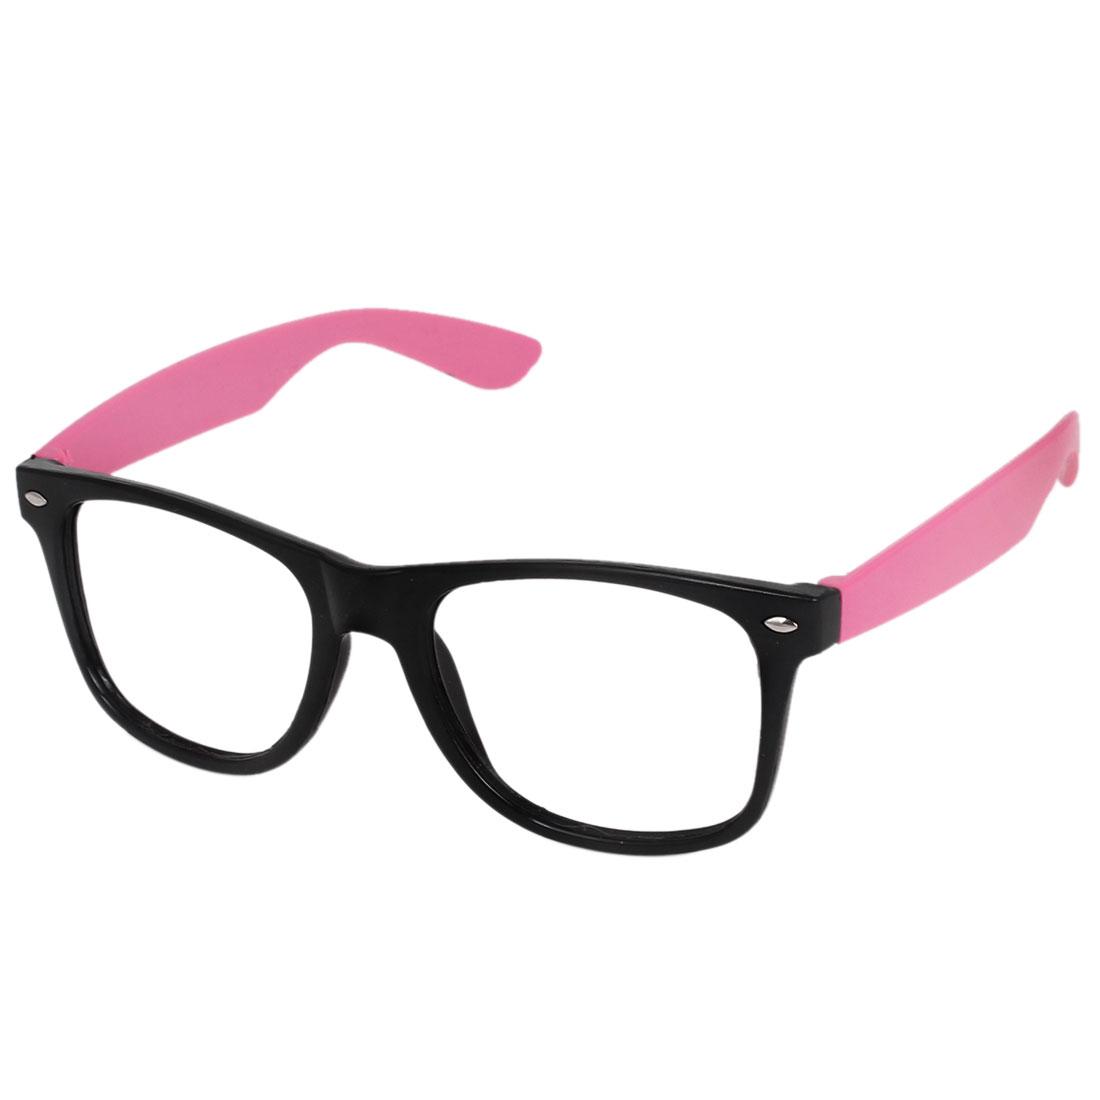 Black Pink Arm Plastic Full Rim Lensless Eyeglasses Frame for Ladies